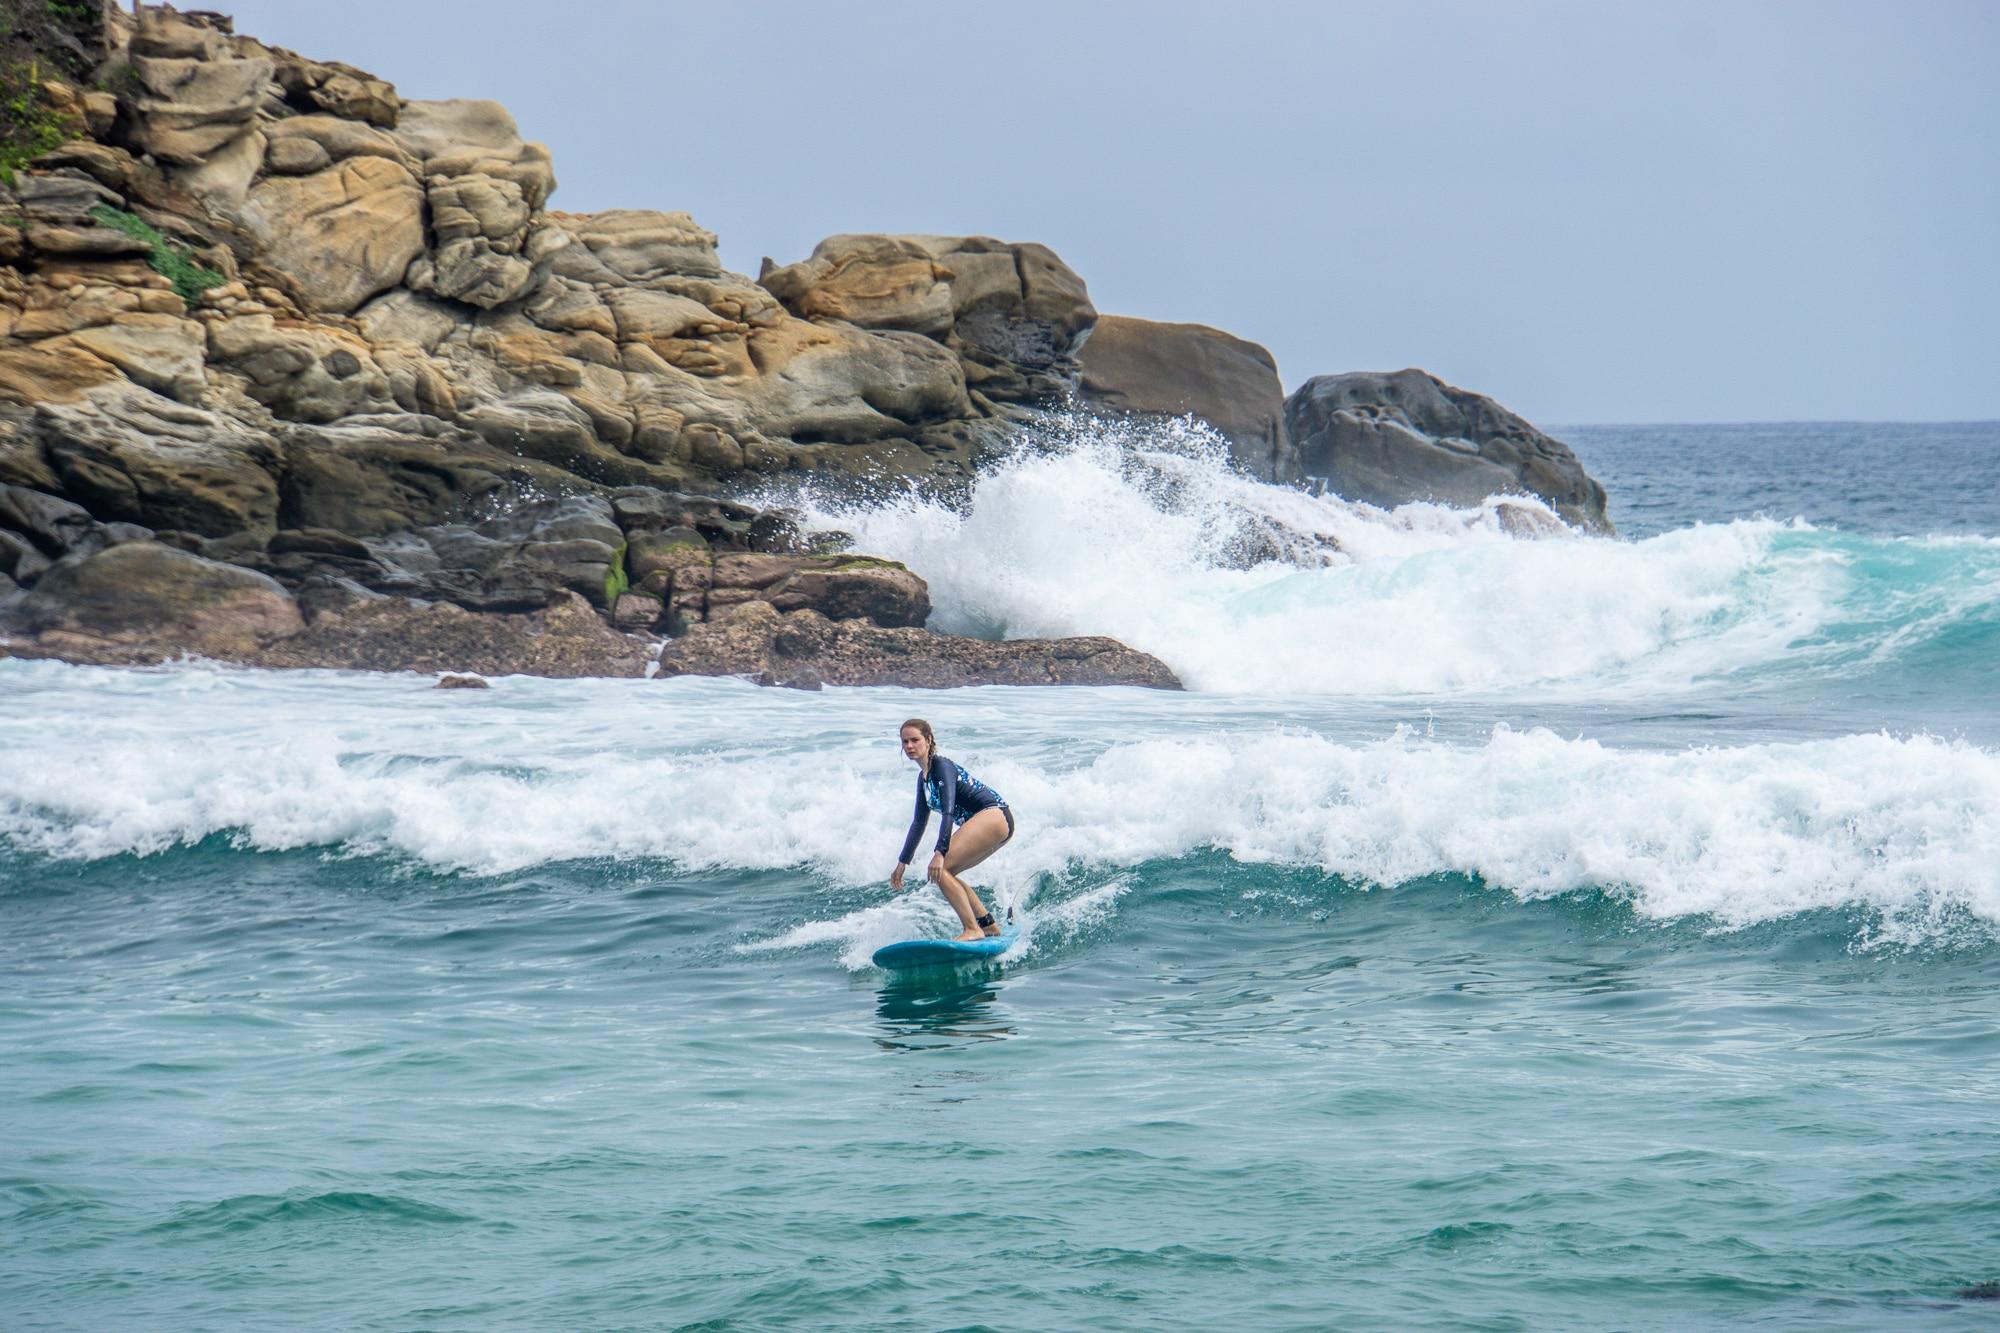 Puerto Escondido: Highlights, Erlebnisse und Ausflugsziele in Mexiko - Playa Carrizalillo Surfen